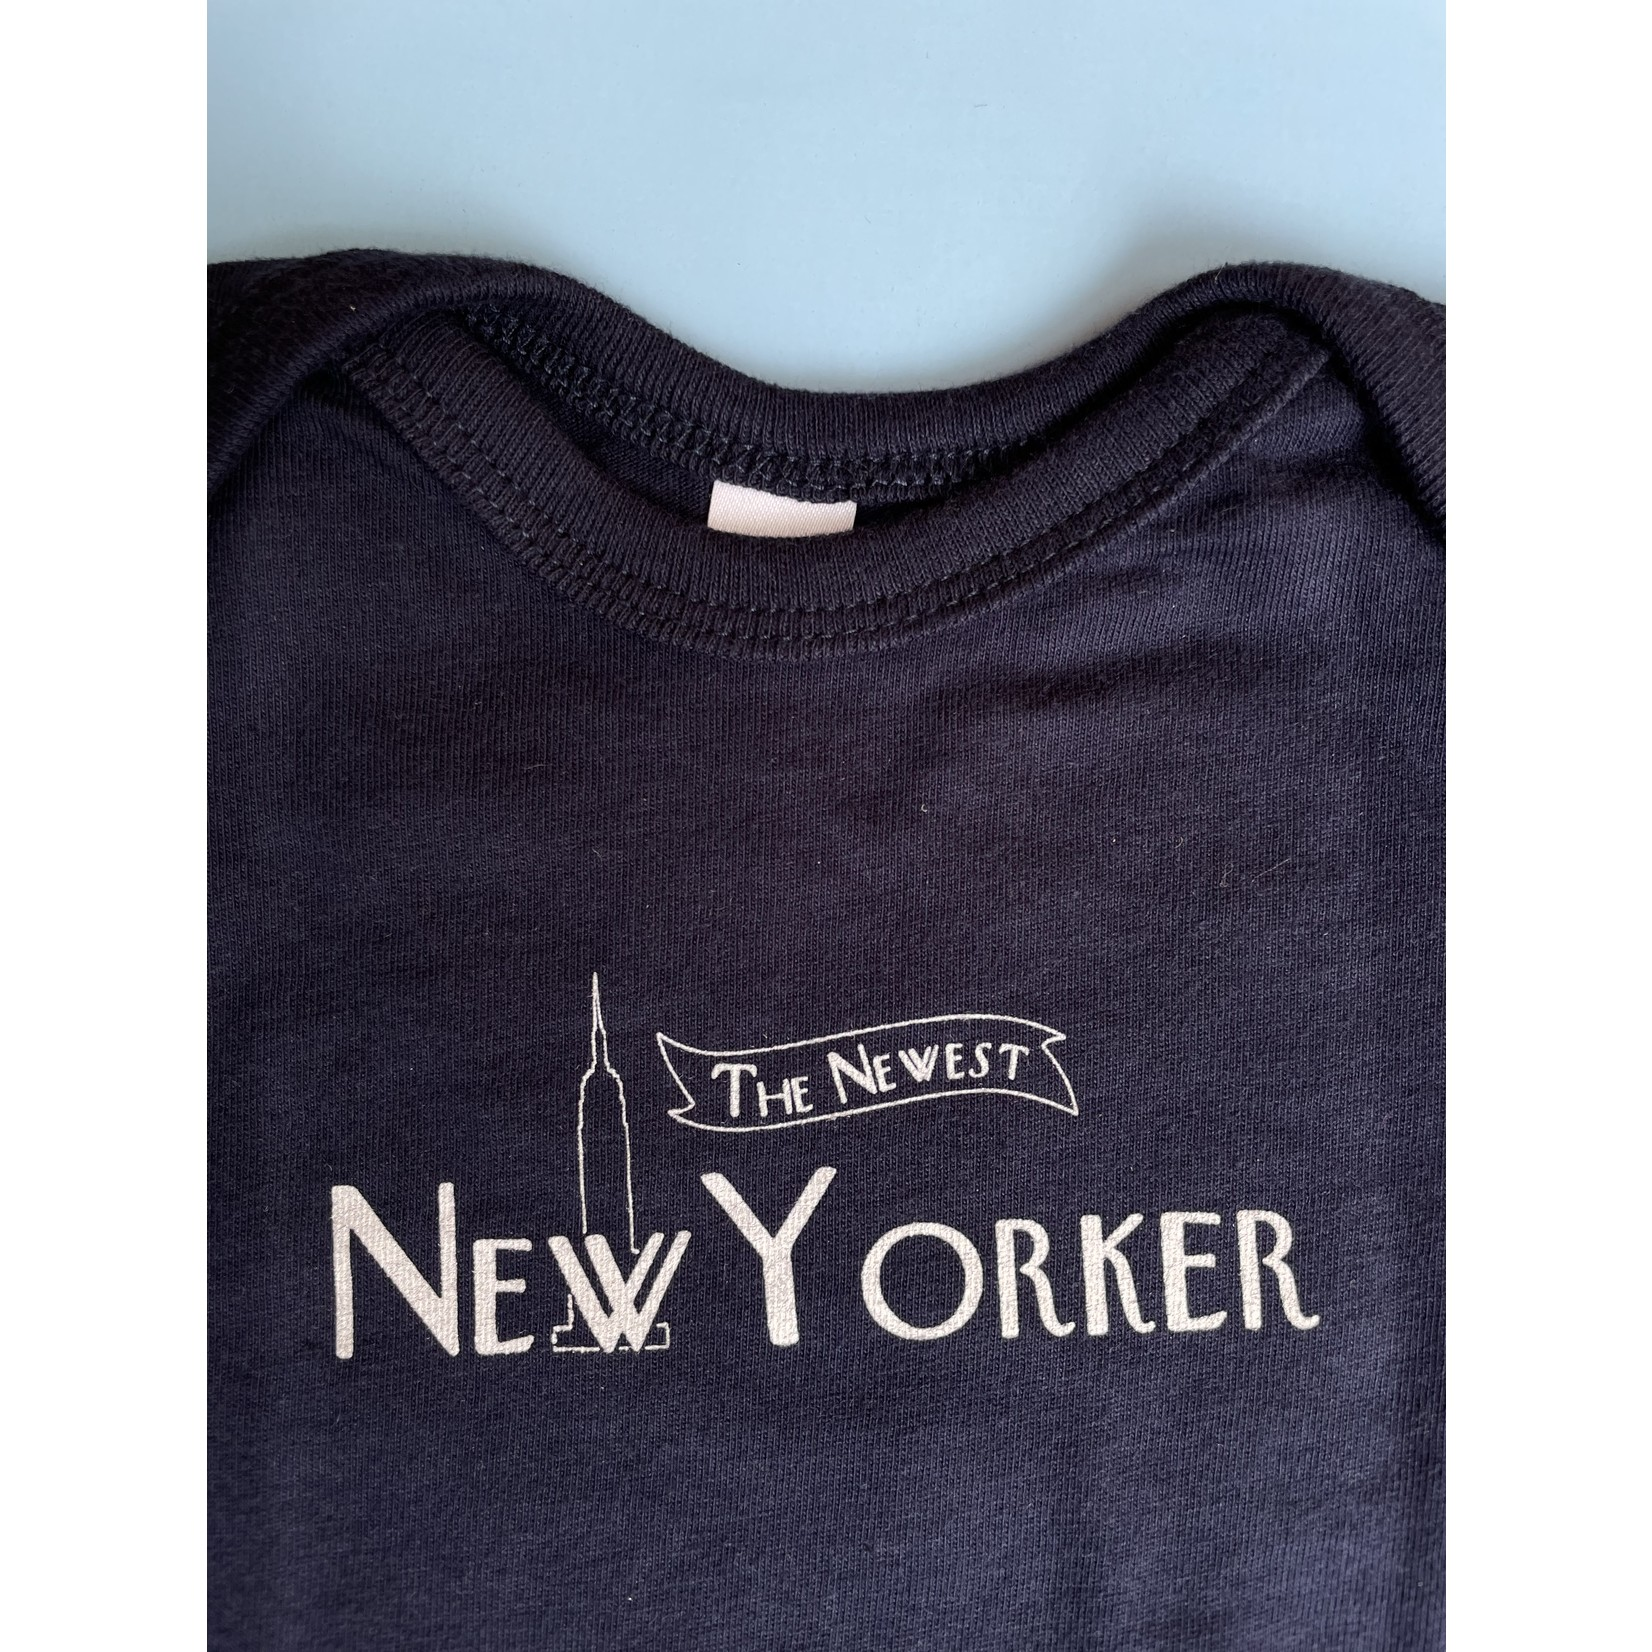 Exit9 Gift Emporium Newest New Yorker Onesie